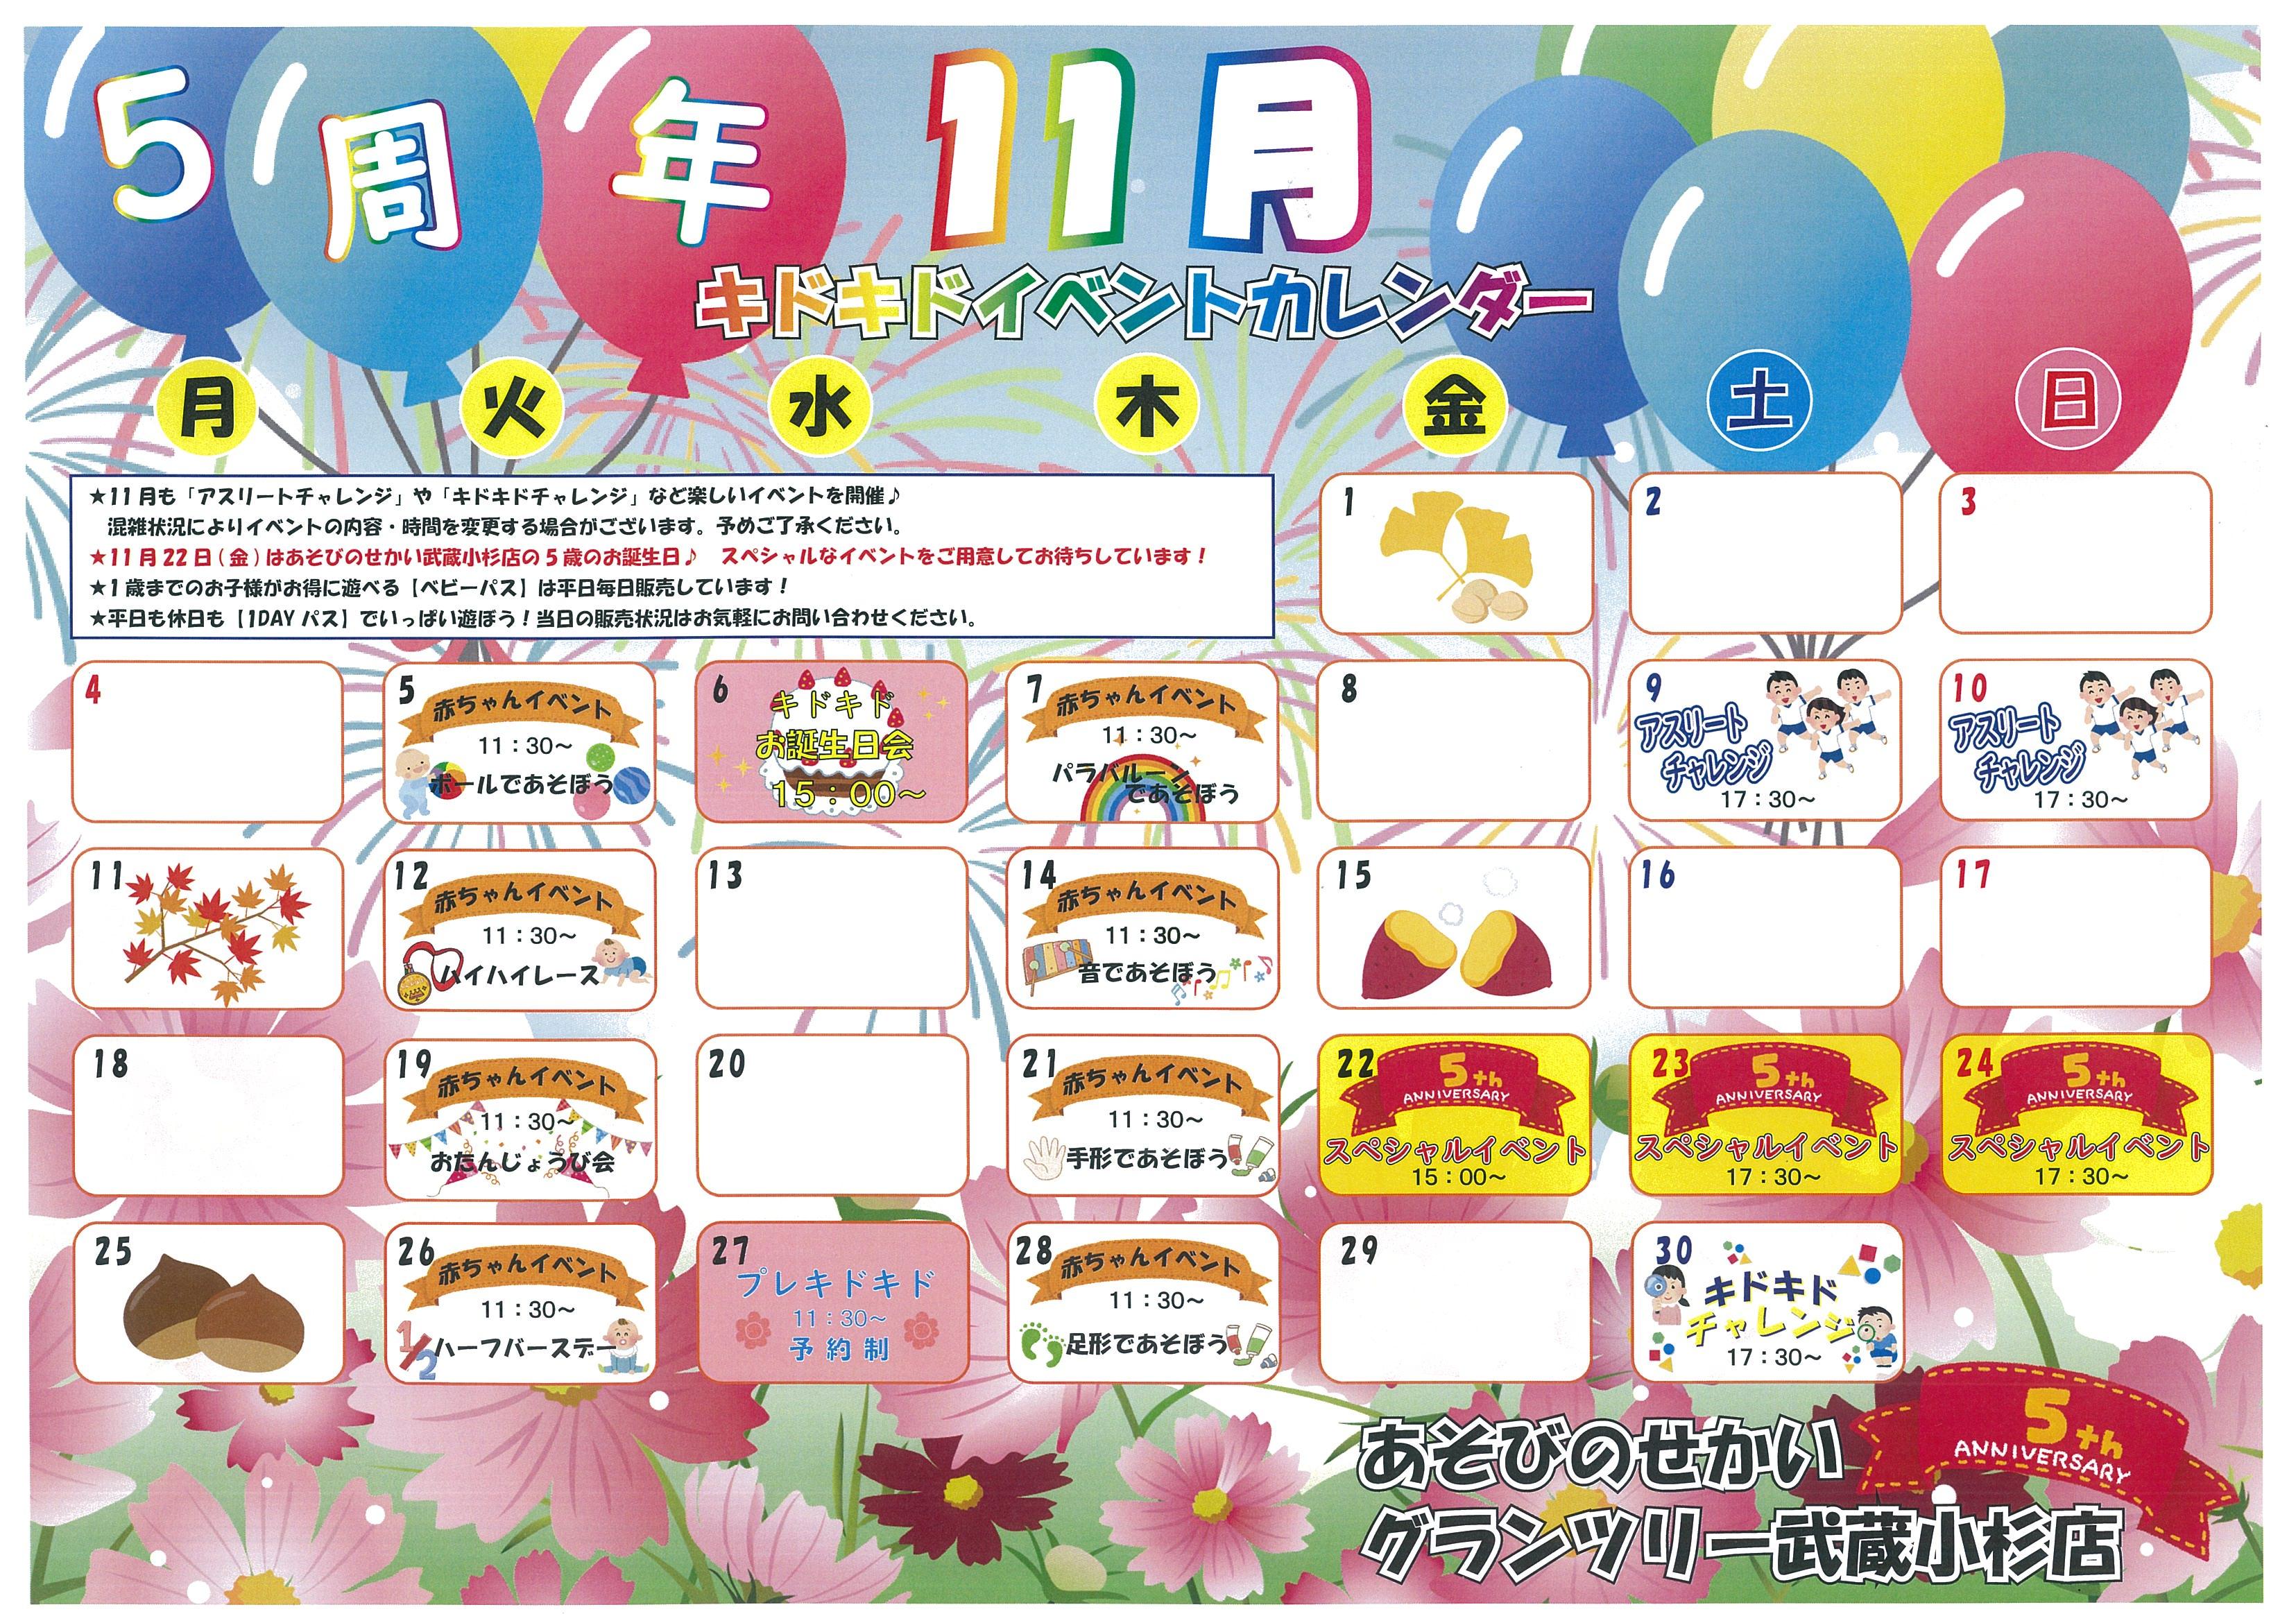 ☆11月のイベントカレンダー☆